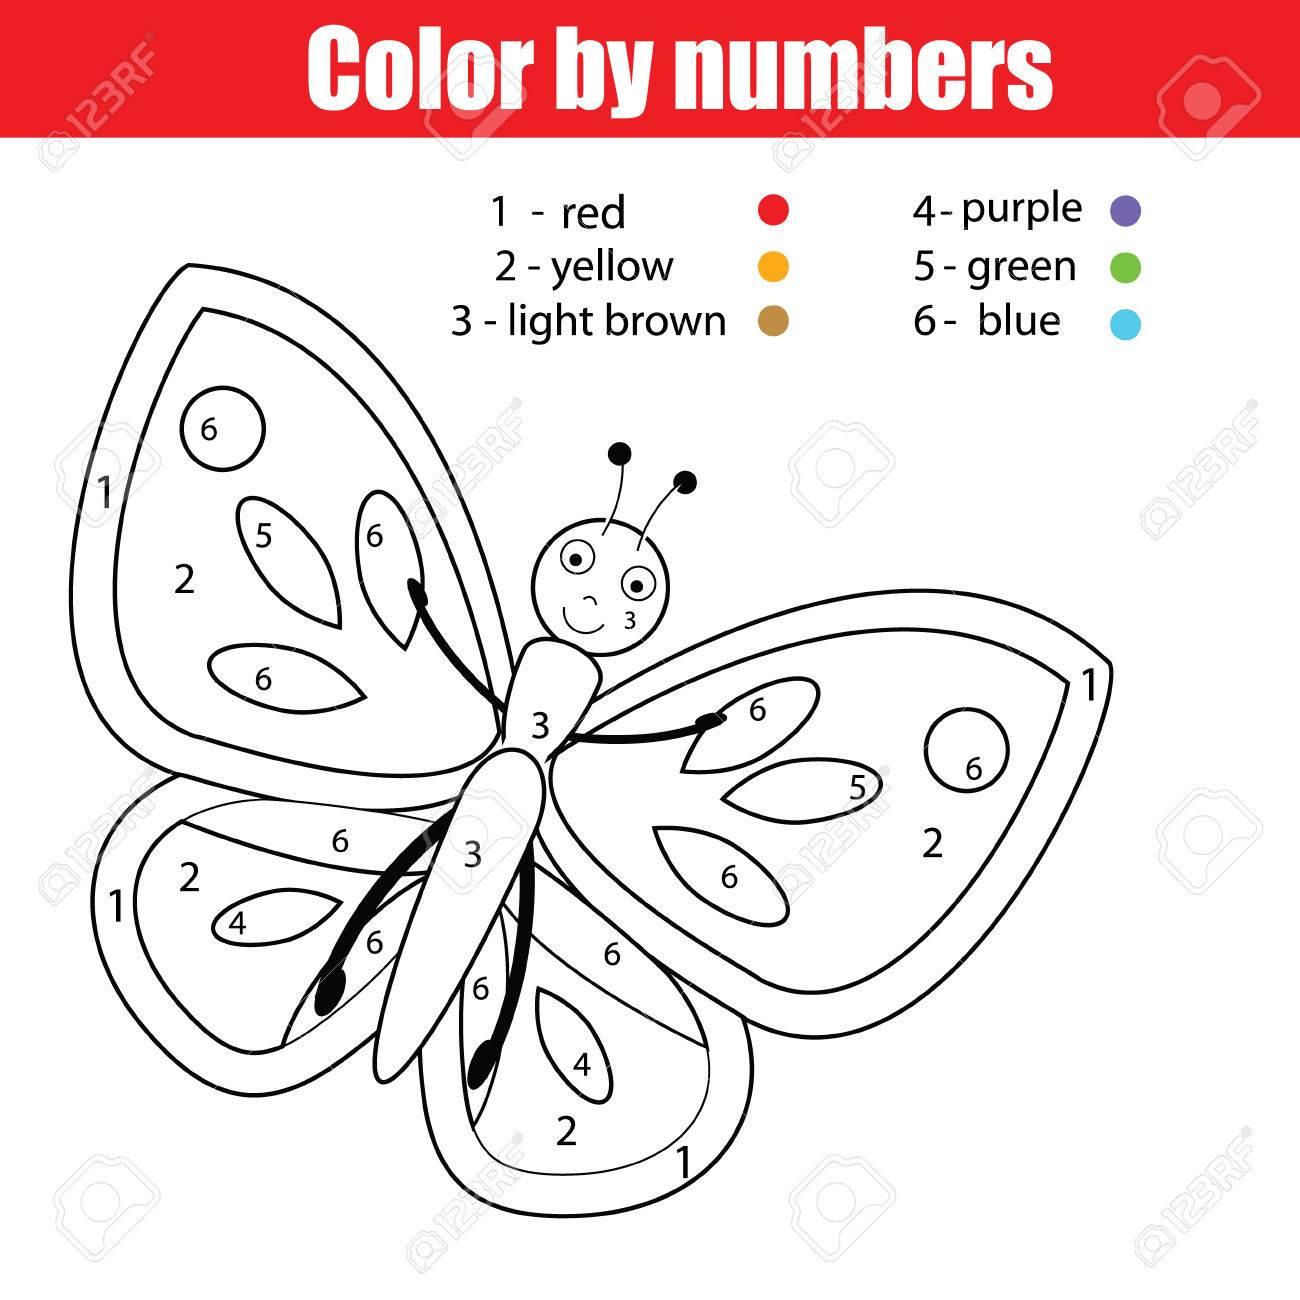 Malvorlage Mit Schmetterling. Farbe Durch Zahlen Pädagogische Kinder ...